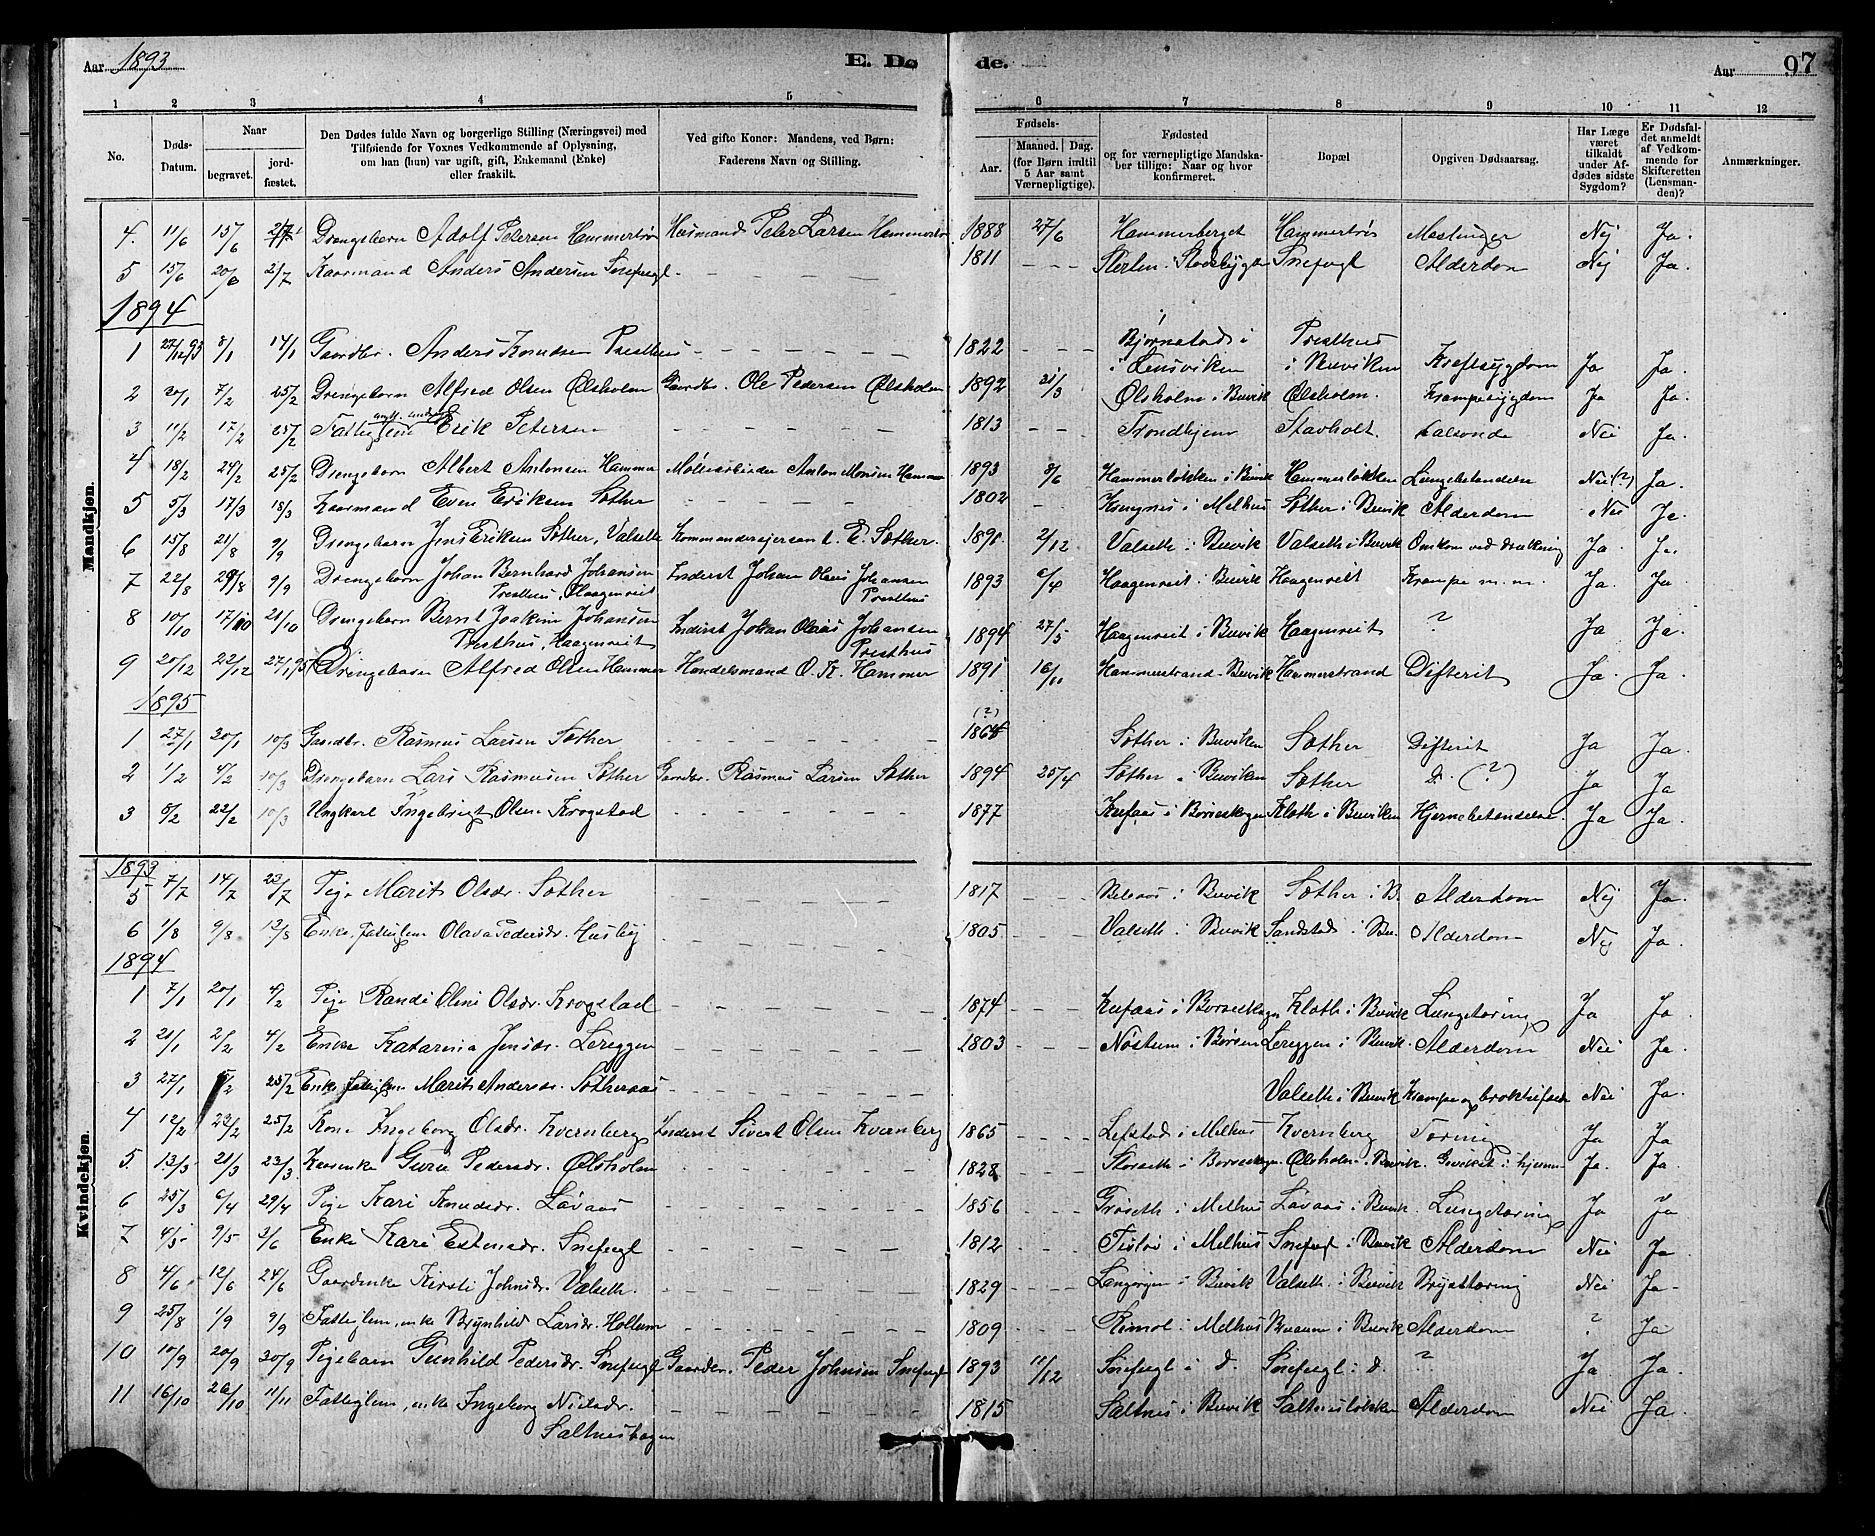 SAT, Ministerialprotokoller, klokkerbøker og fødselsregistre - Sør-Trøndelag, 666/L0790: Klokkerbok nr. 666C03, 1885-1908, s. 97